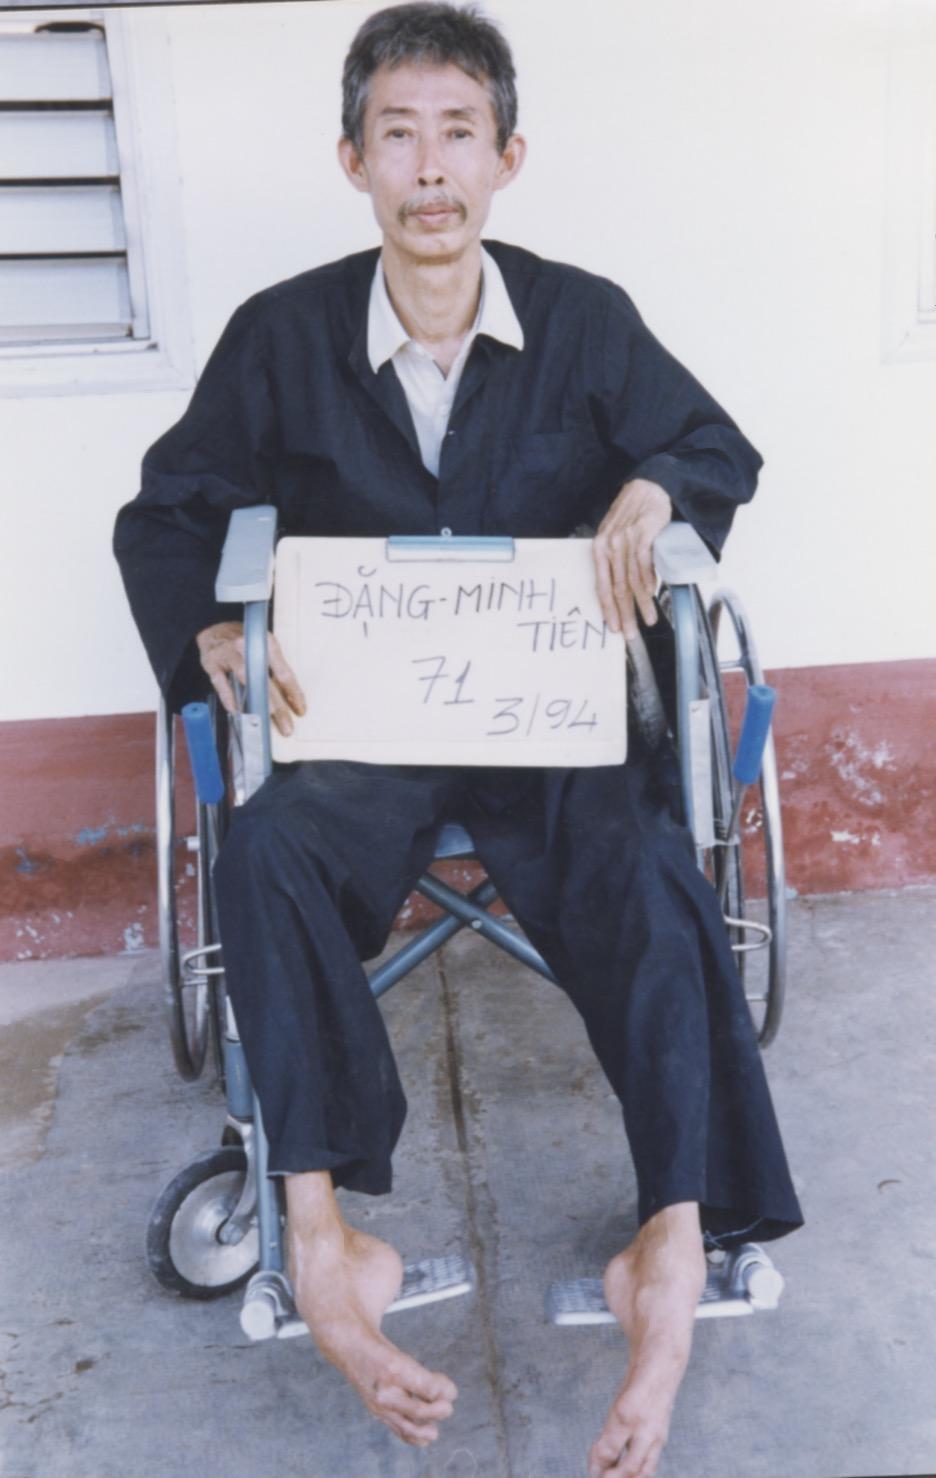 VNAH 1994 Amputees - 23.jpeg